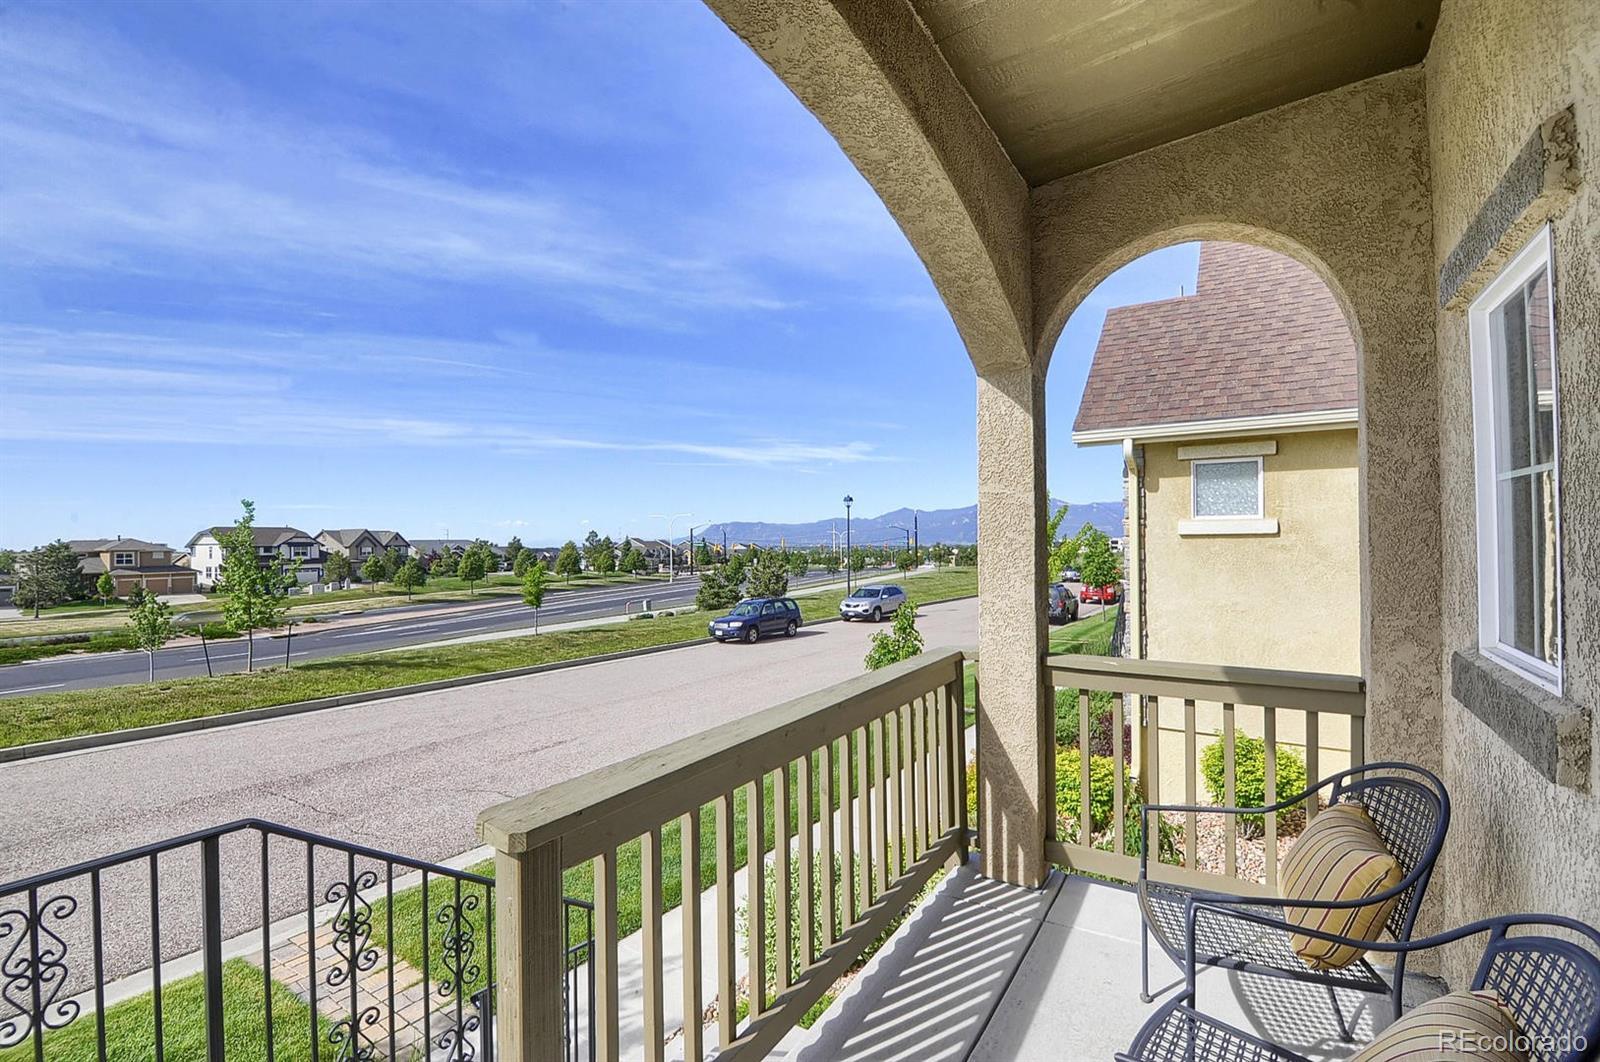 MLS# 6225803 - 3 - 5568 Blue Moon Drive, Colorado Springs, CO 80924